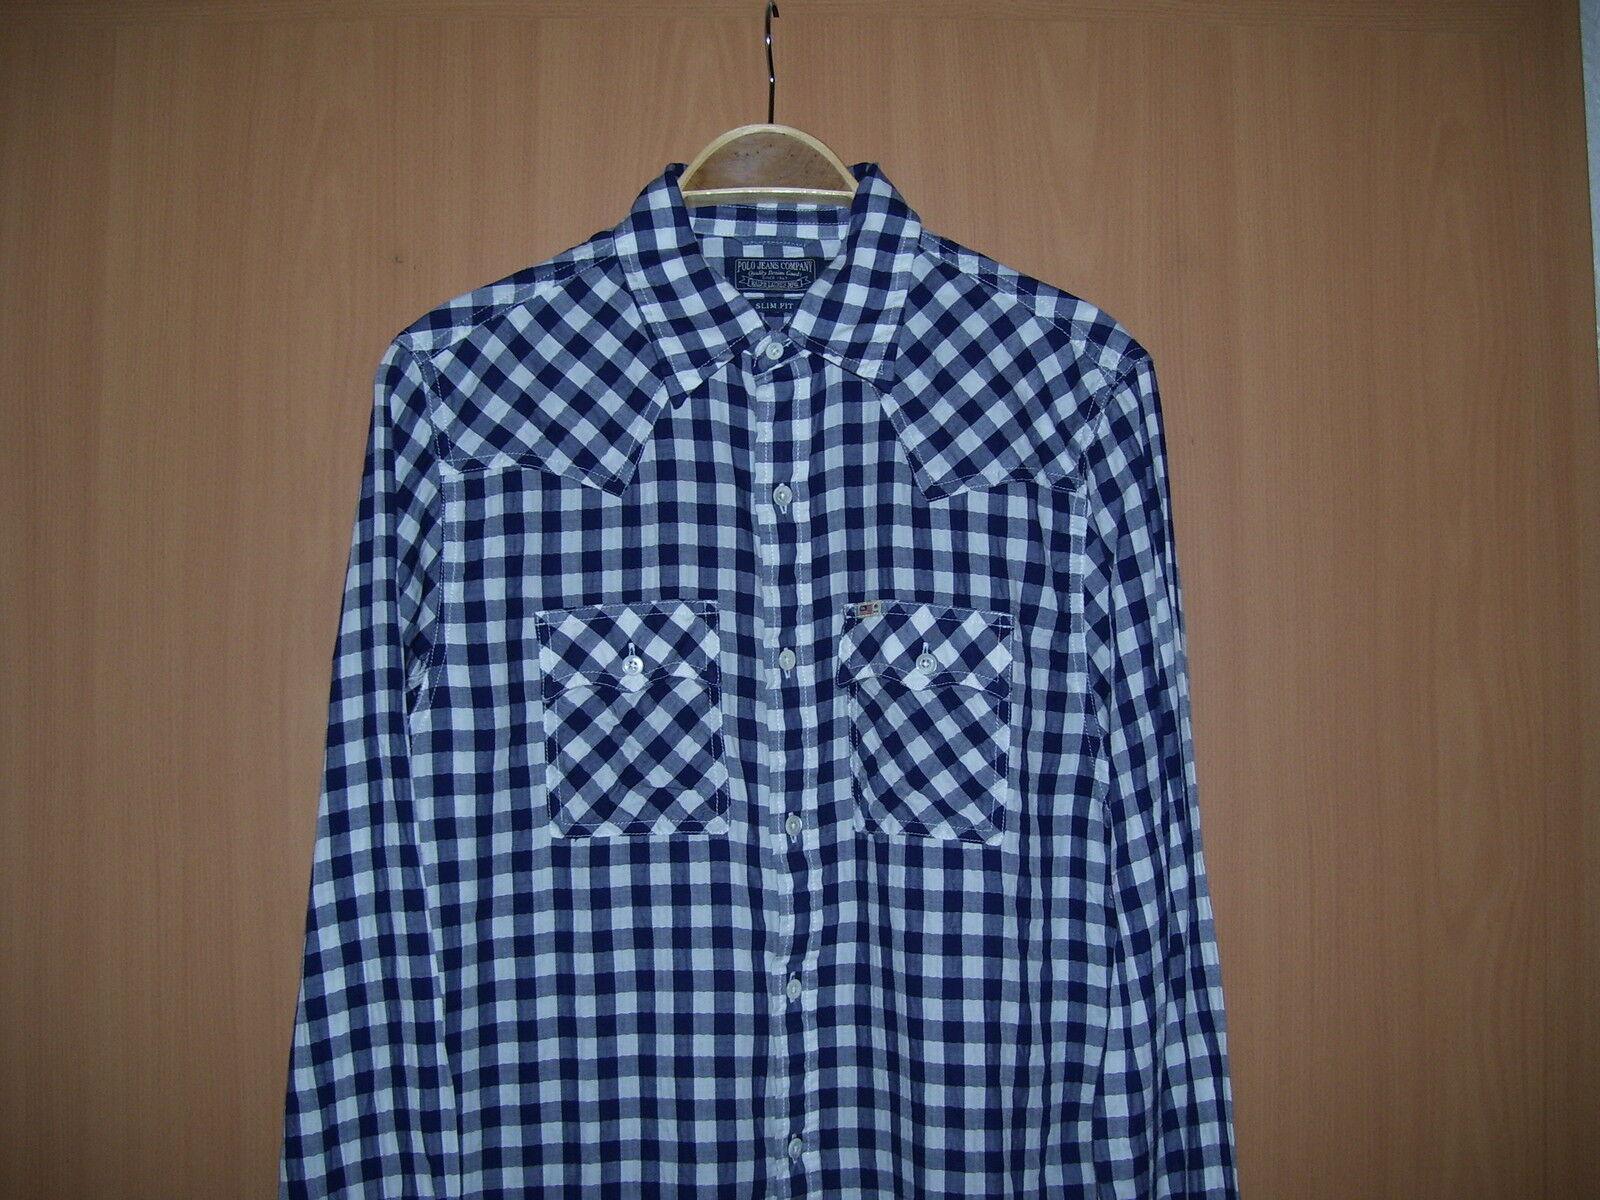 Ralph Lauren Herren Hemd Langarm 2 Brusttaschen blau weiß kariert Grösse M neu